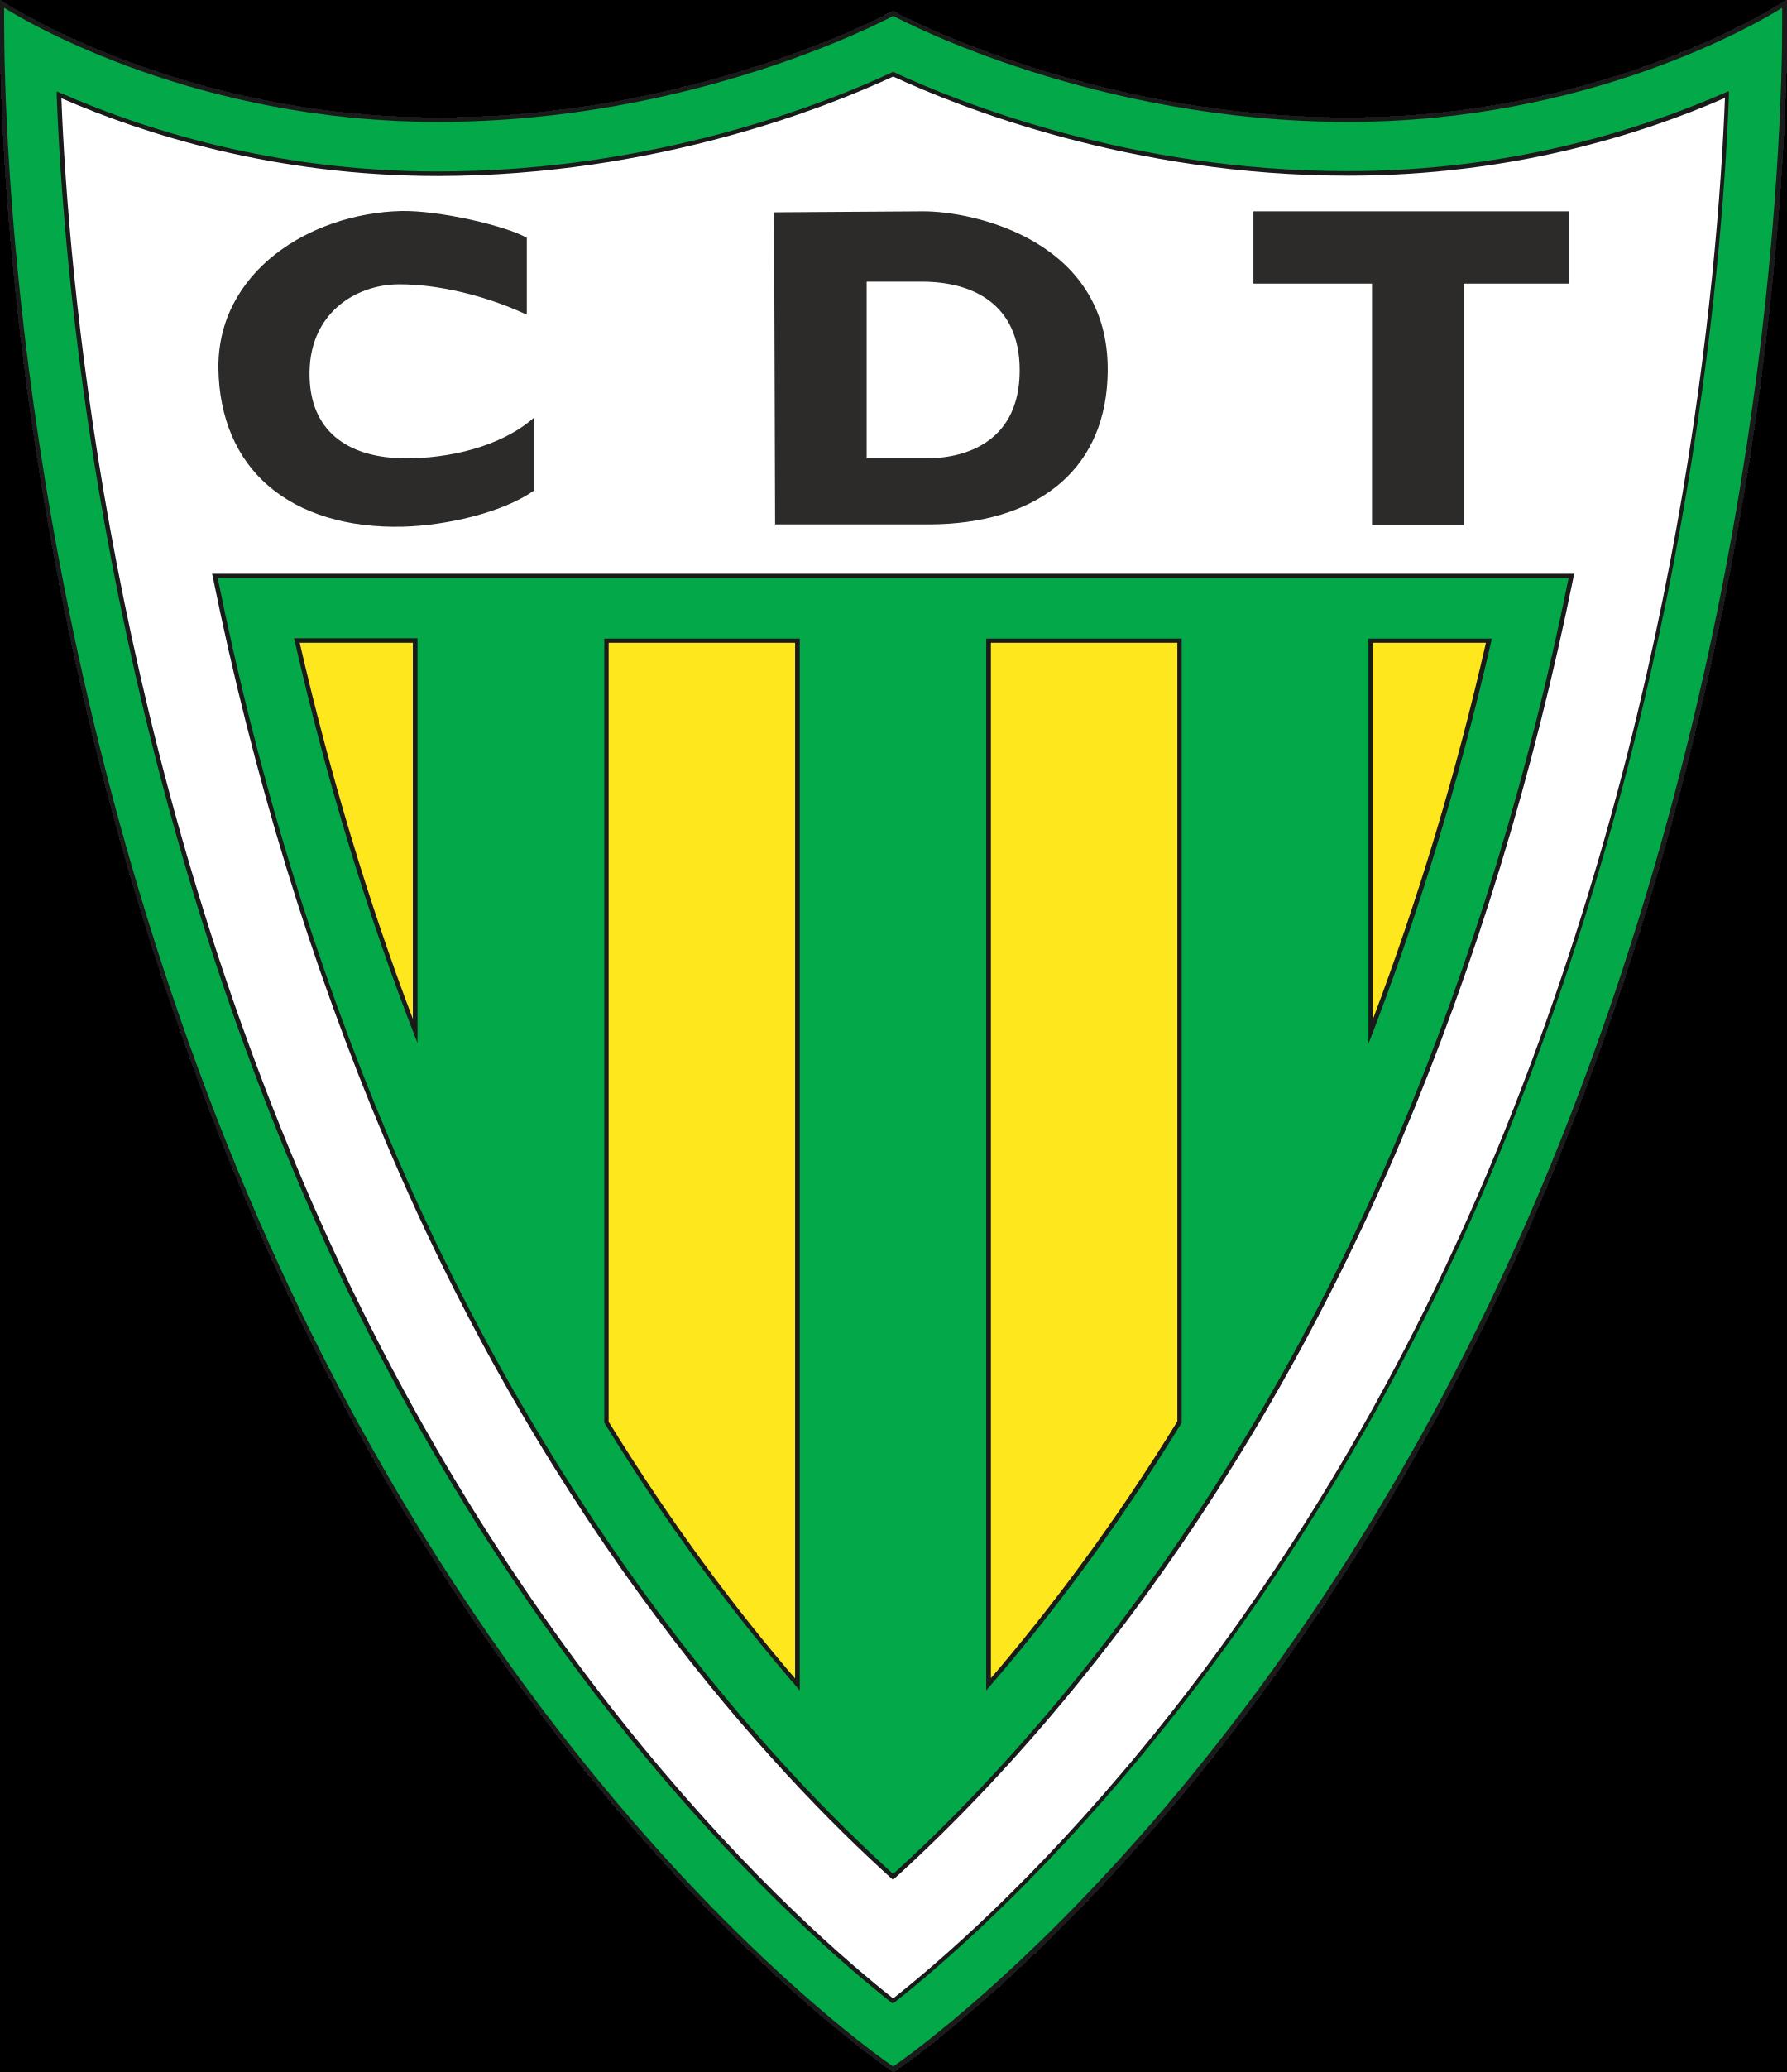 cd tondela logo 1 - Tondela Logo